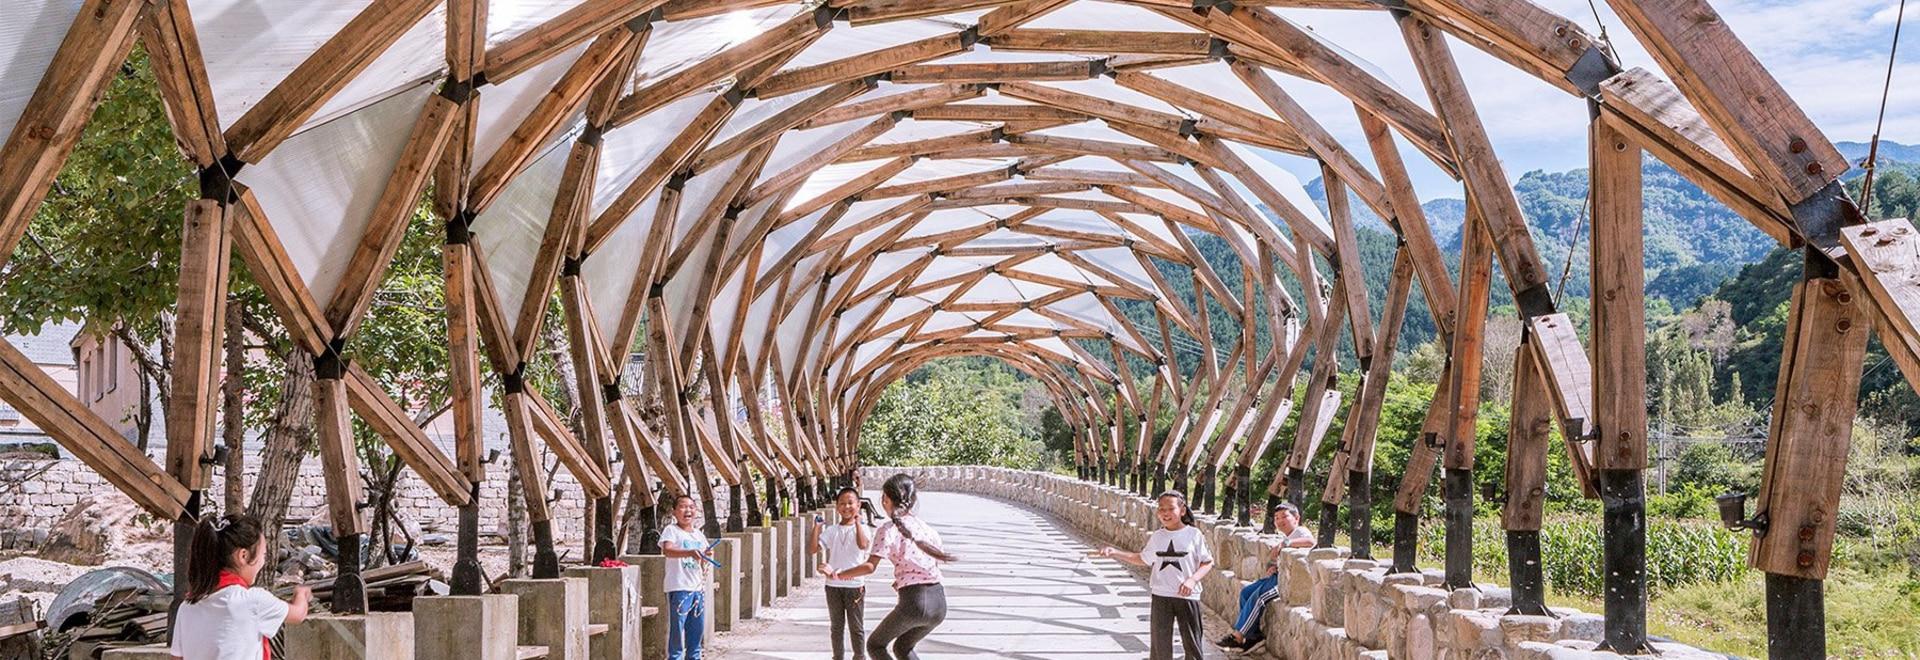 LUO riutilizza i materiali rimanenti del villaggio cinese rinnovato per costruire una pergola per i locali